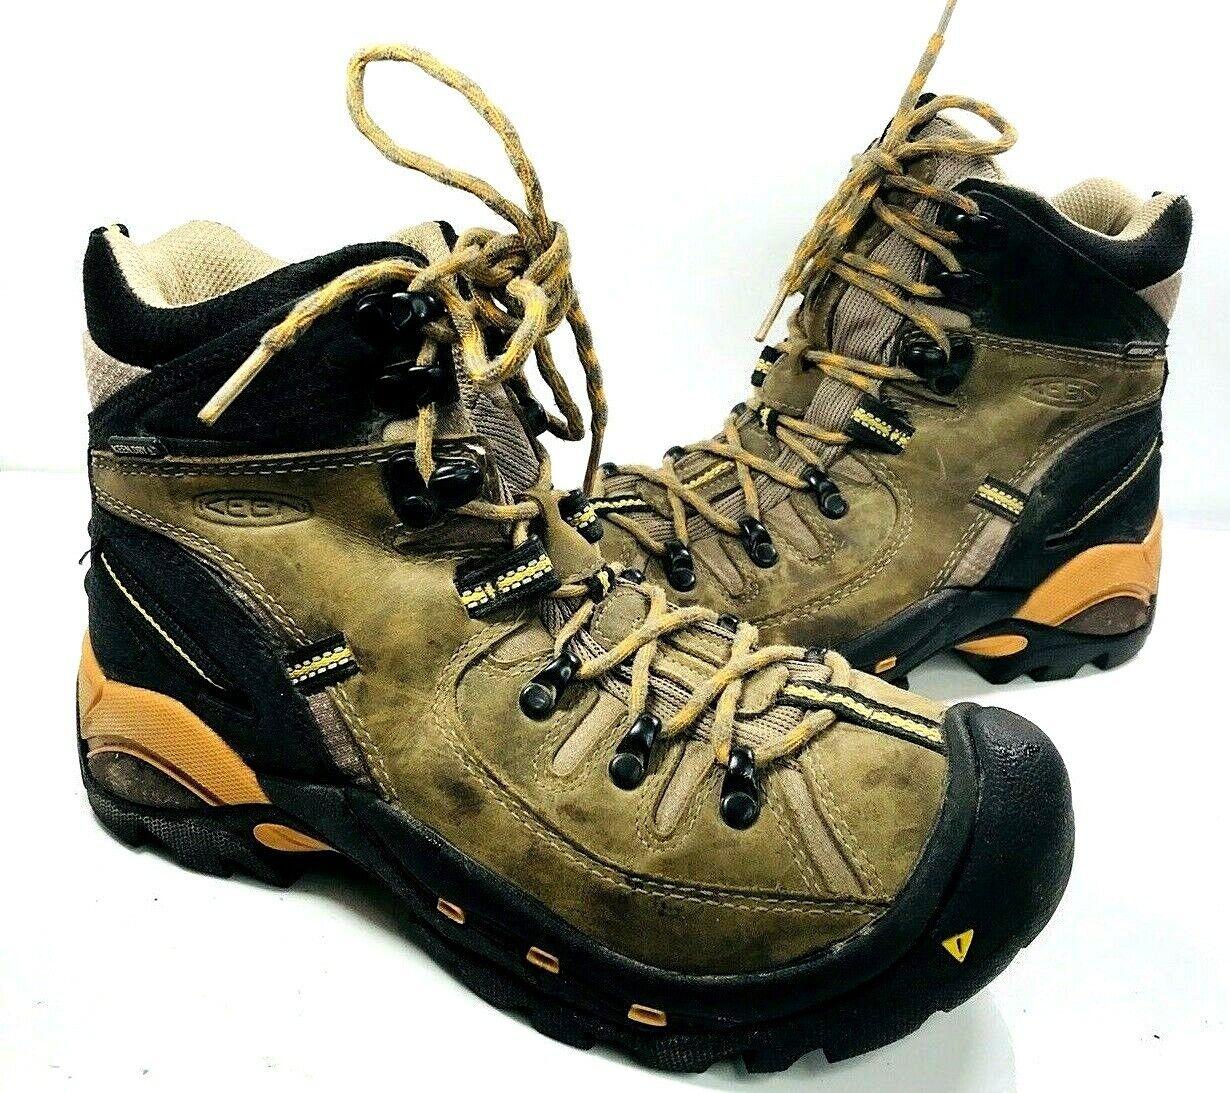 Keen Pittsburgh  para Hombre Marrón Negro botas Para Excursionismo A Prueba De Agua trabajo naranja 8 5271-Brick  directo de fábrica